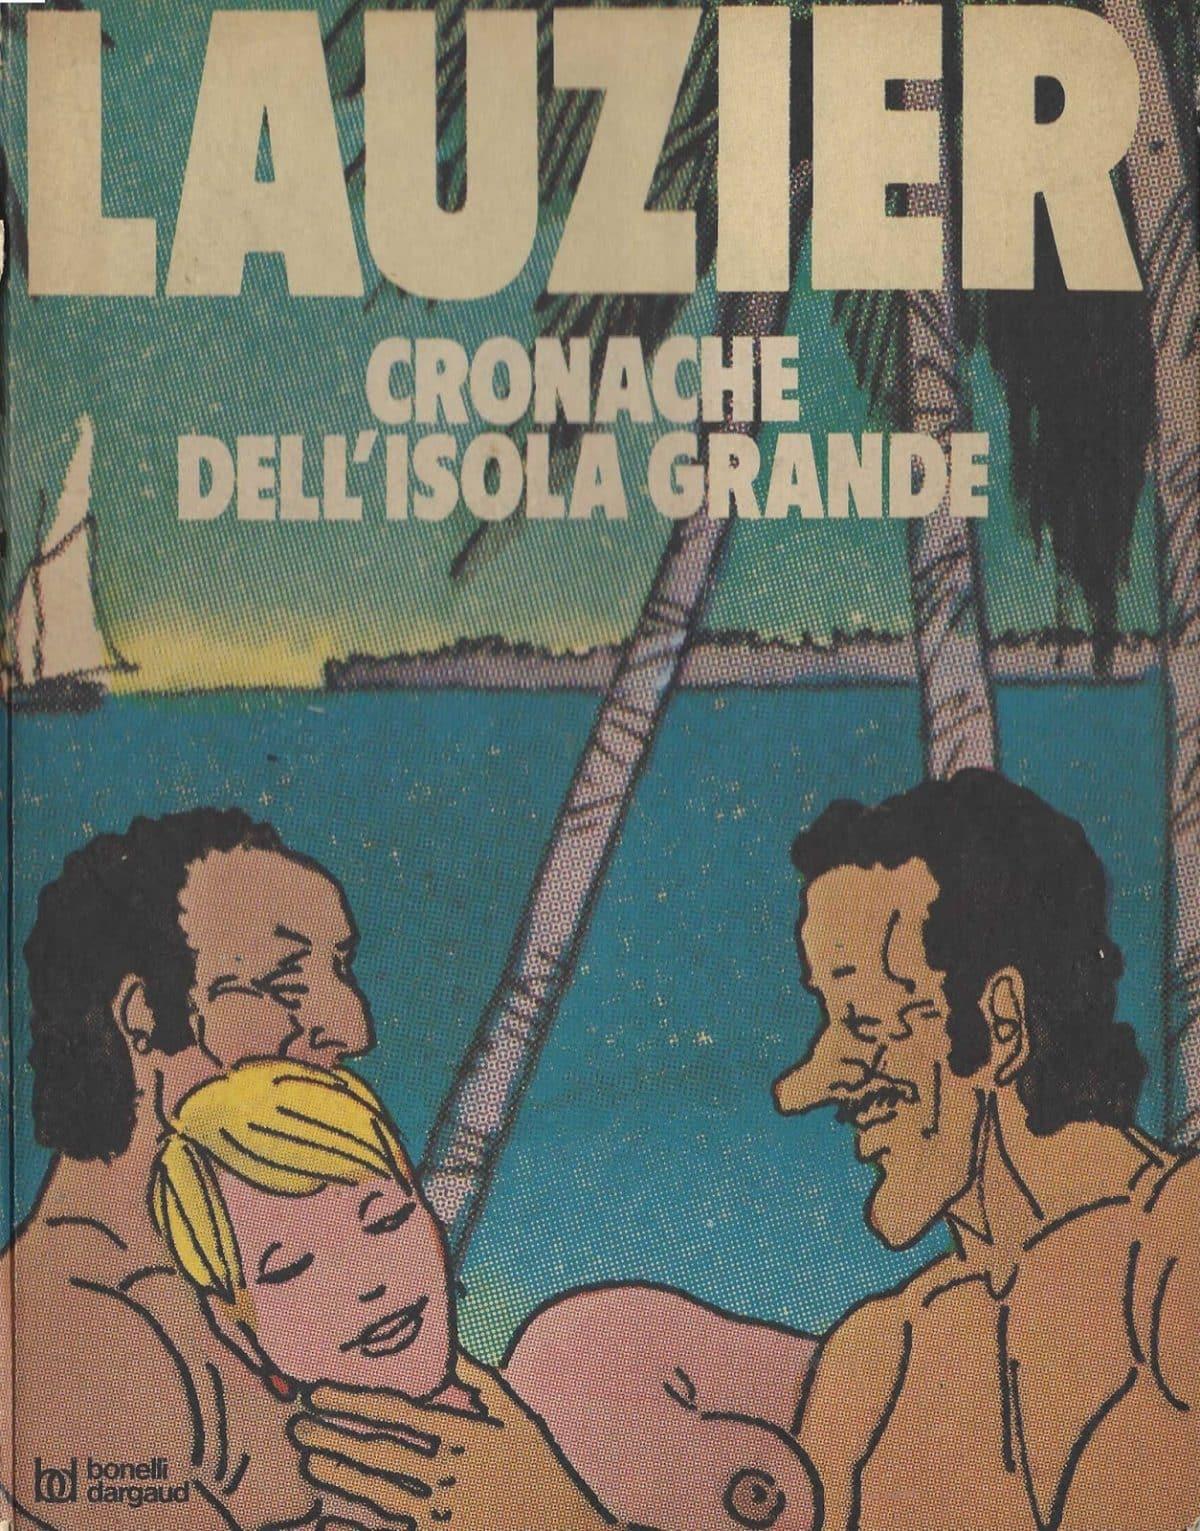 300-cronache-dellisola-grande-cover_Essential 300 comics